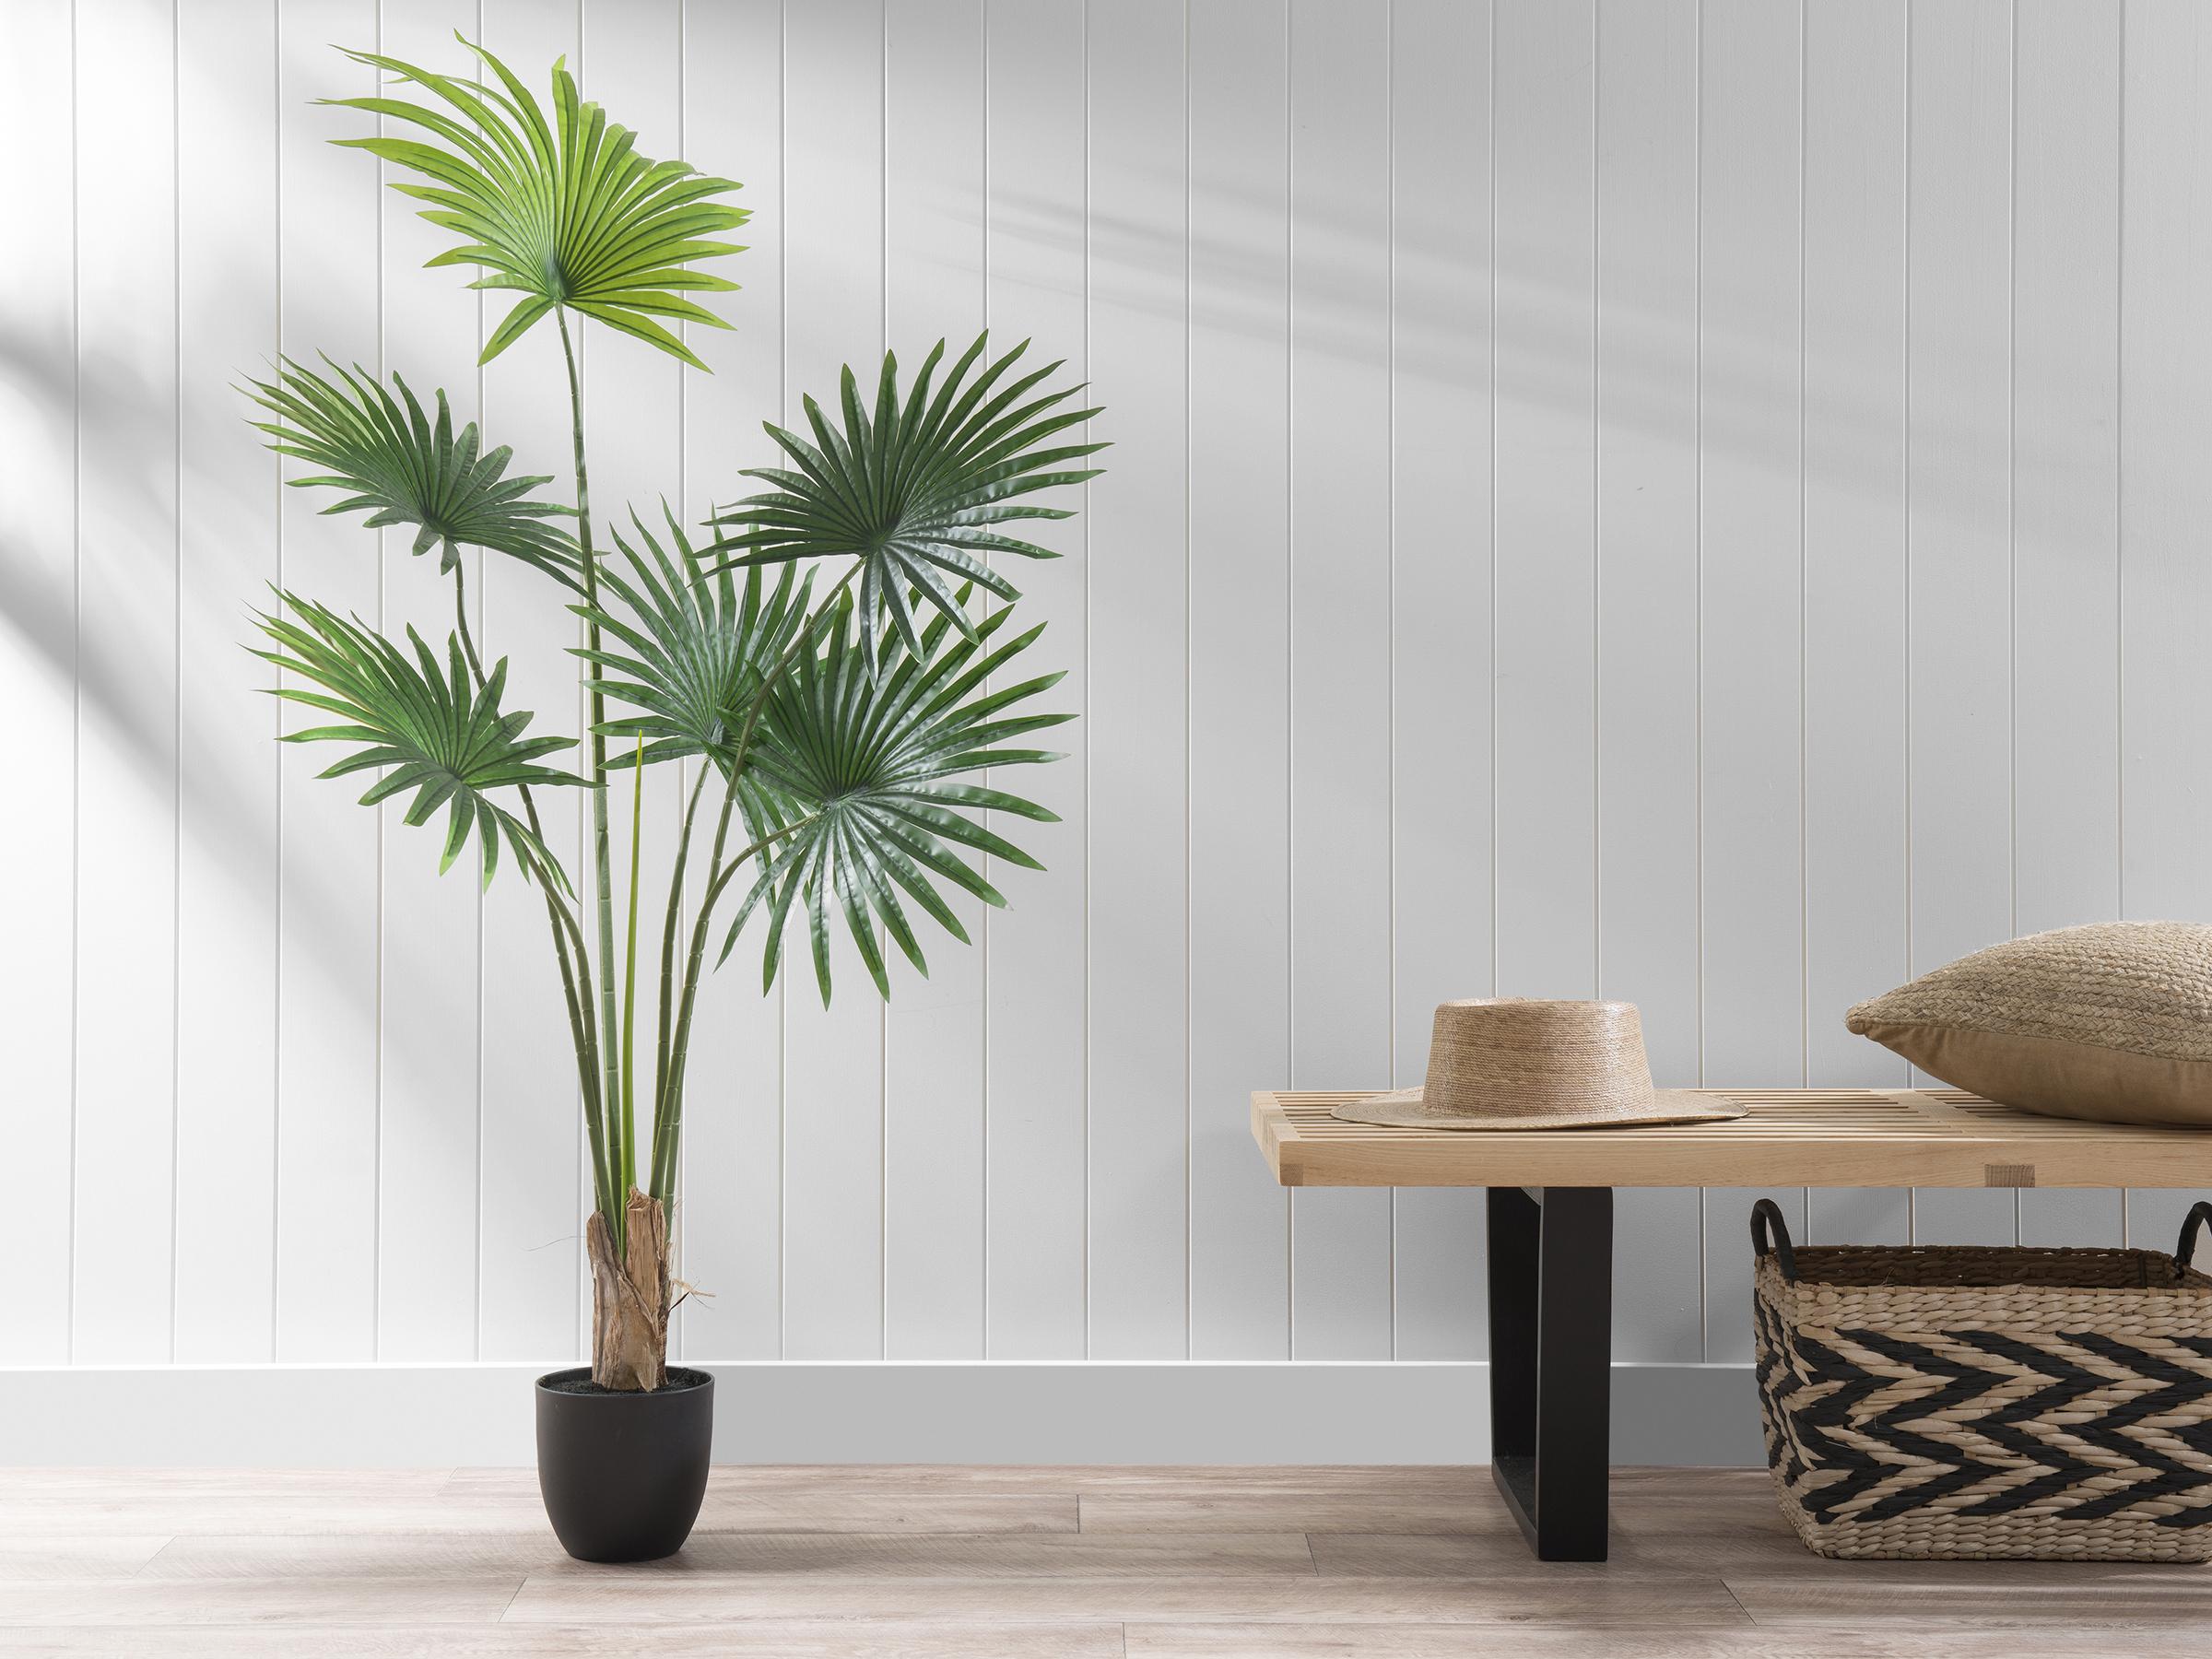 Fan Palm Artificial Plant